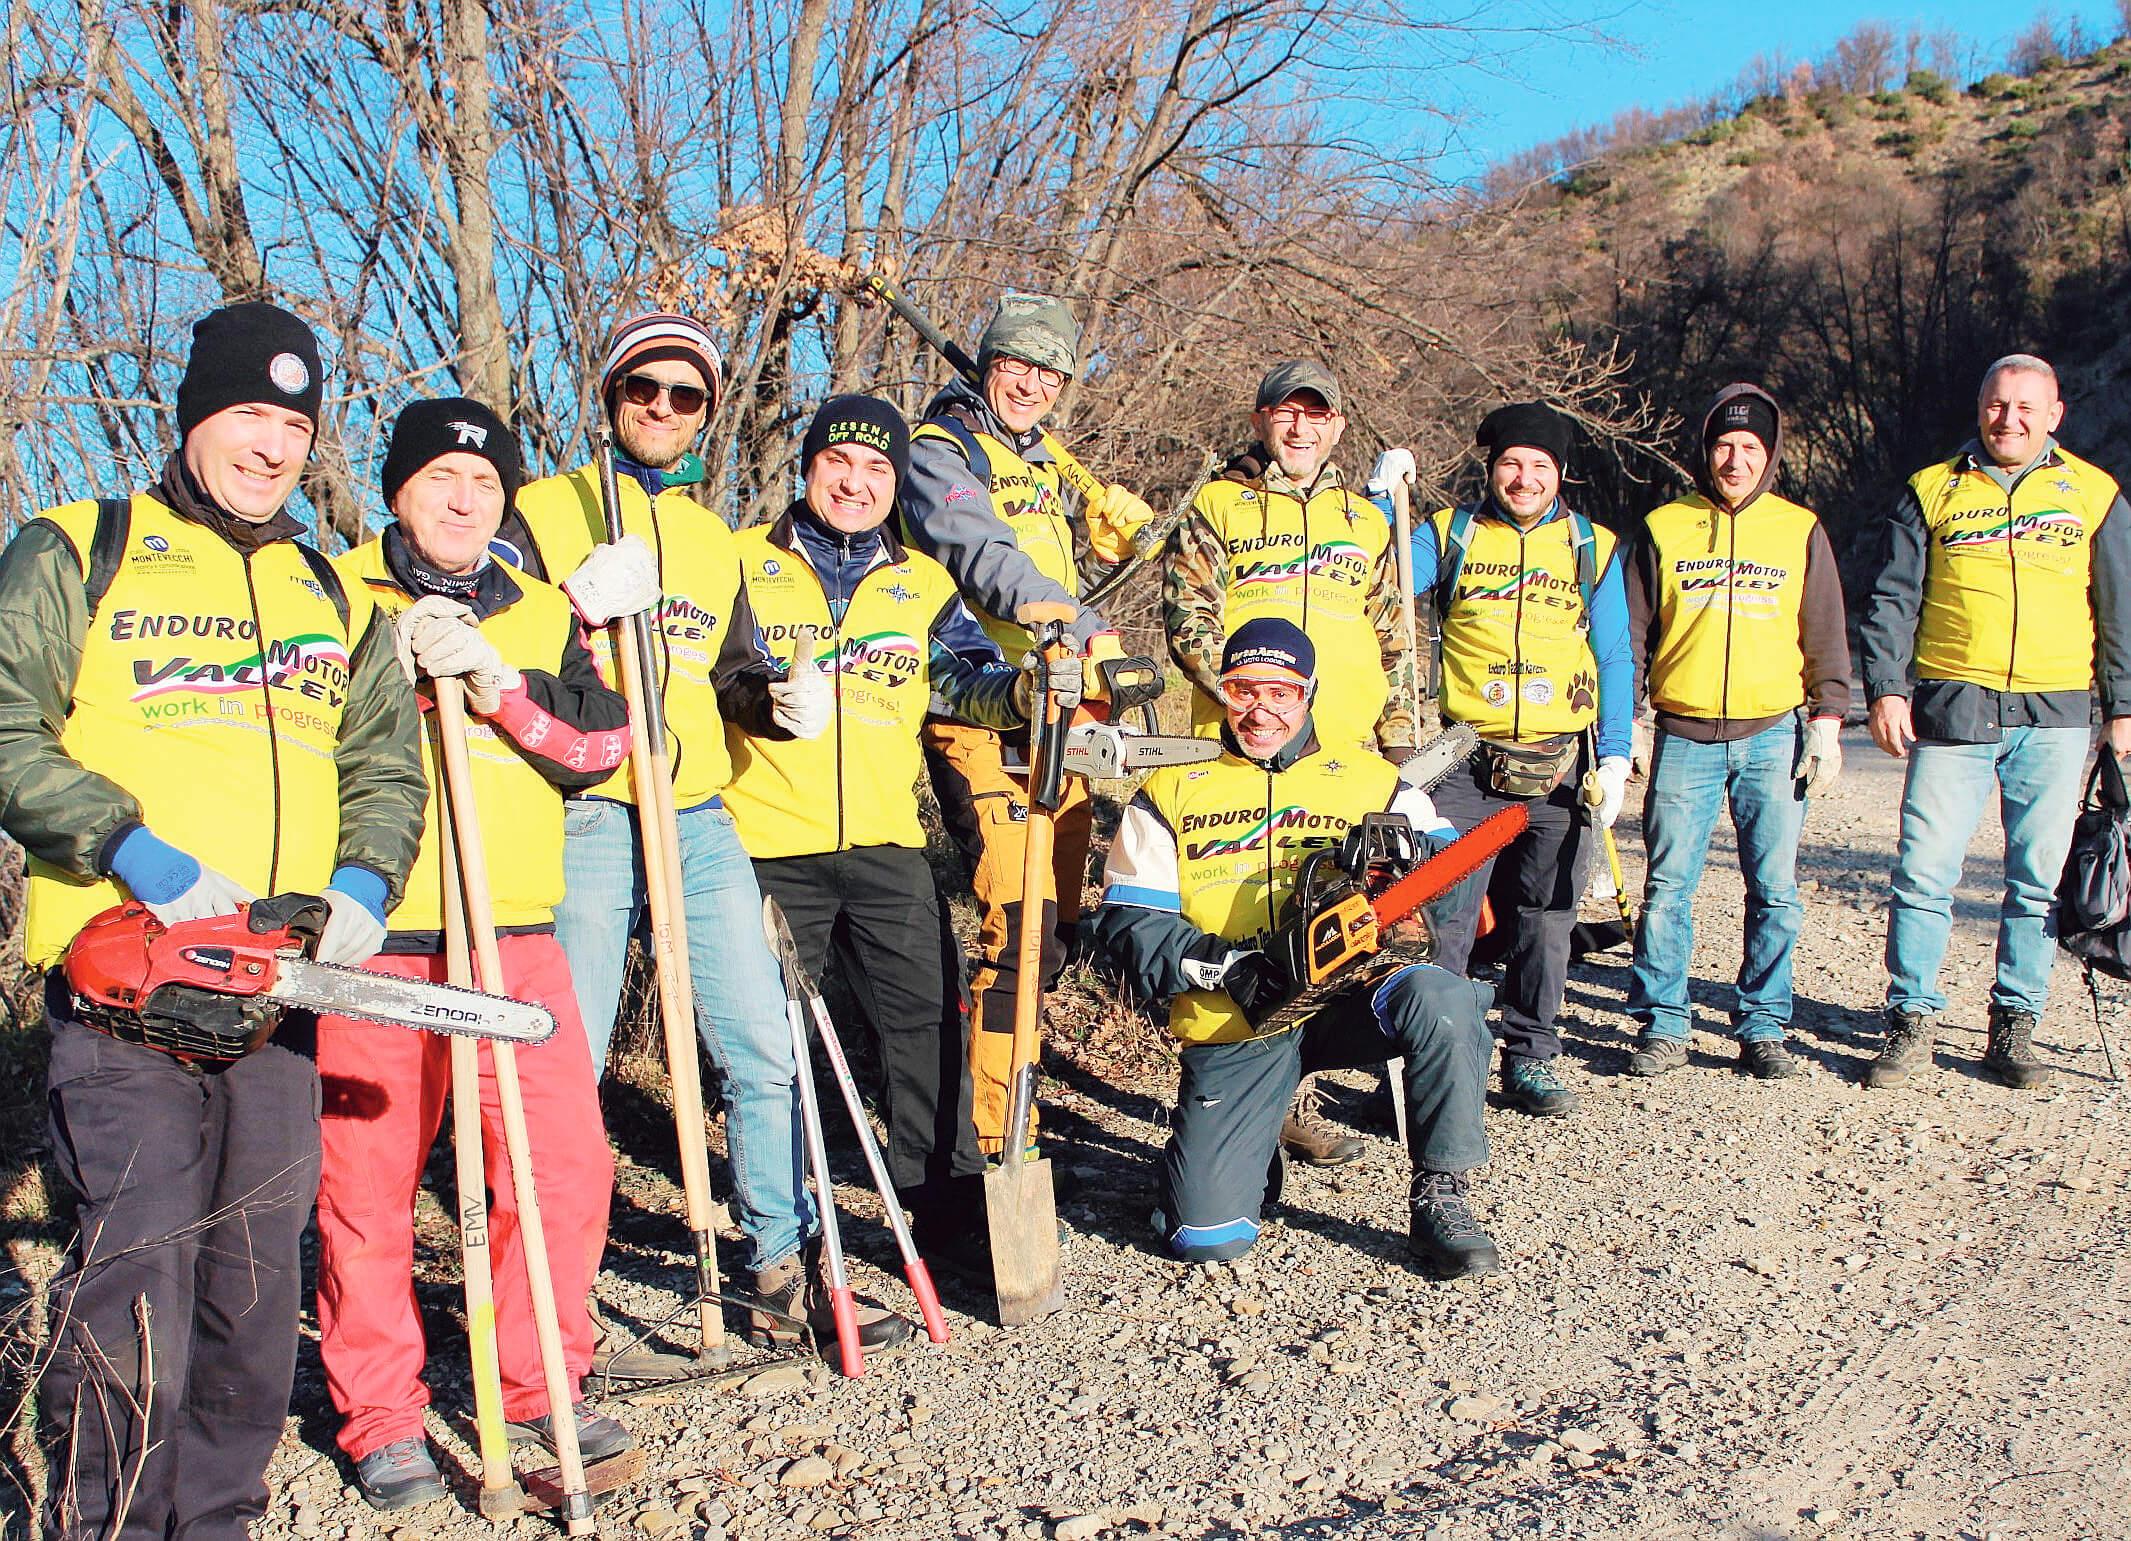 Enduro Motor Valley recupera i sentieri dell'Appennino